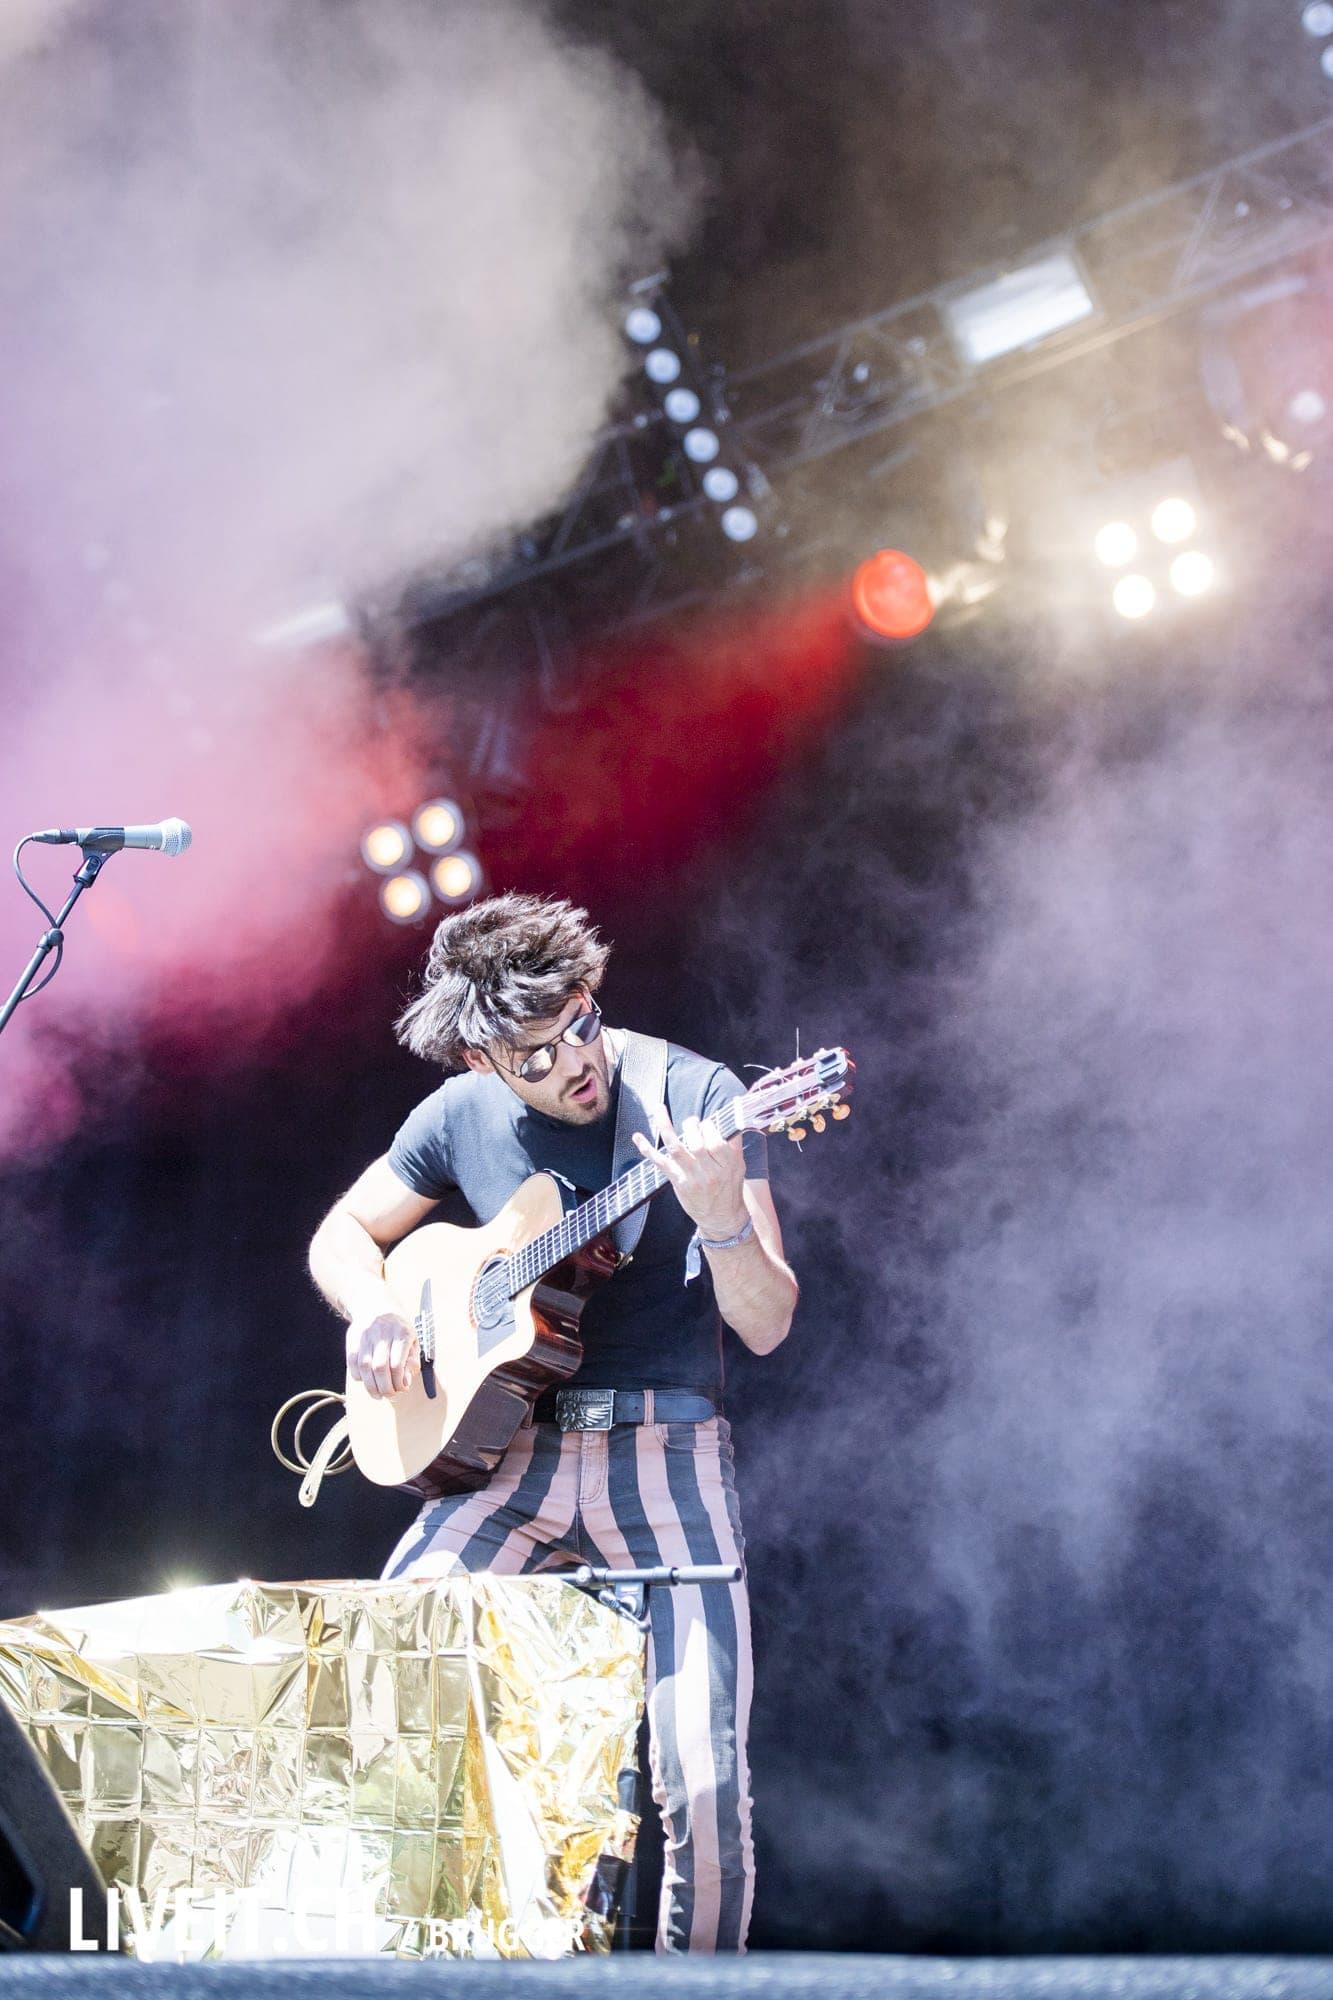 Opal Ocean Gurtenfestival 2018 in Bern. (Dominic Bruegger for Gurtenfestival)